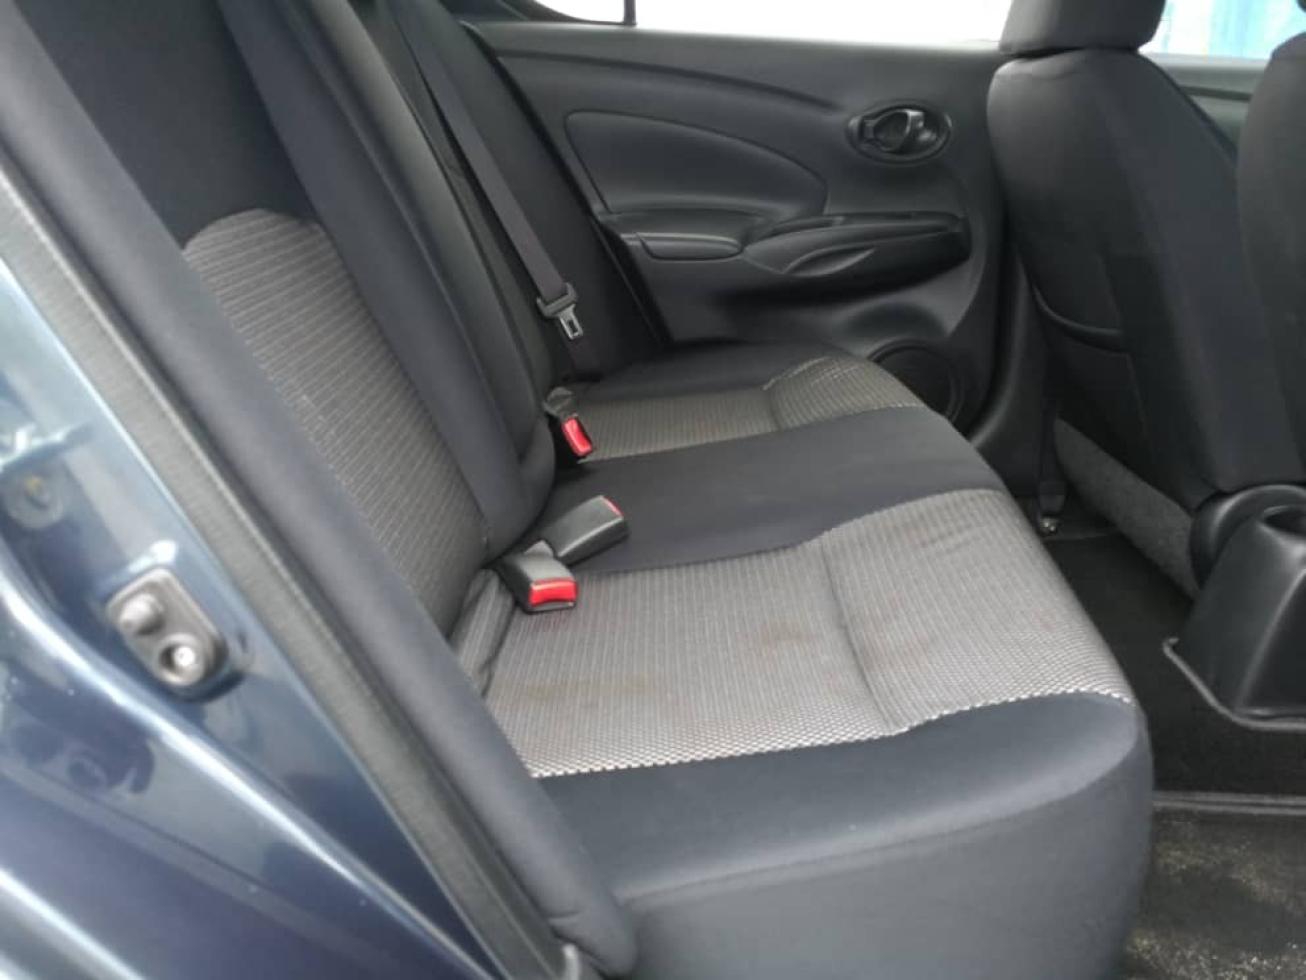 2015 Nissan ALMERA 1.5 E (NISMO) FACELIFT (M)